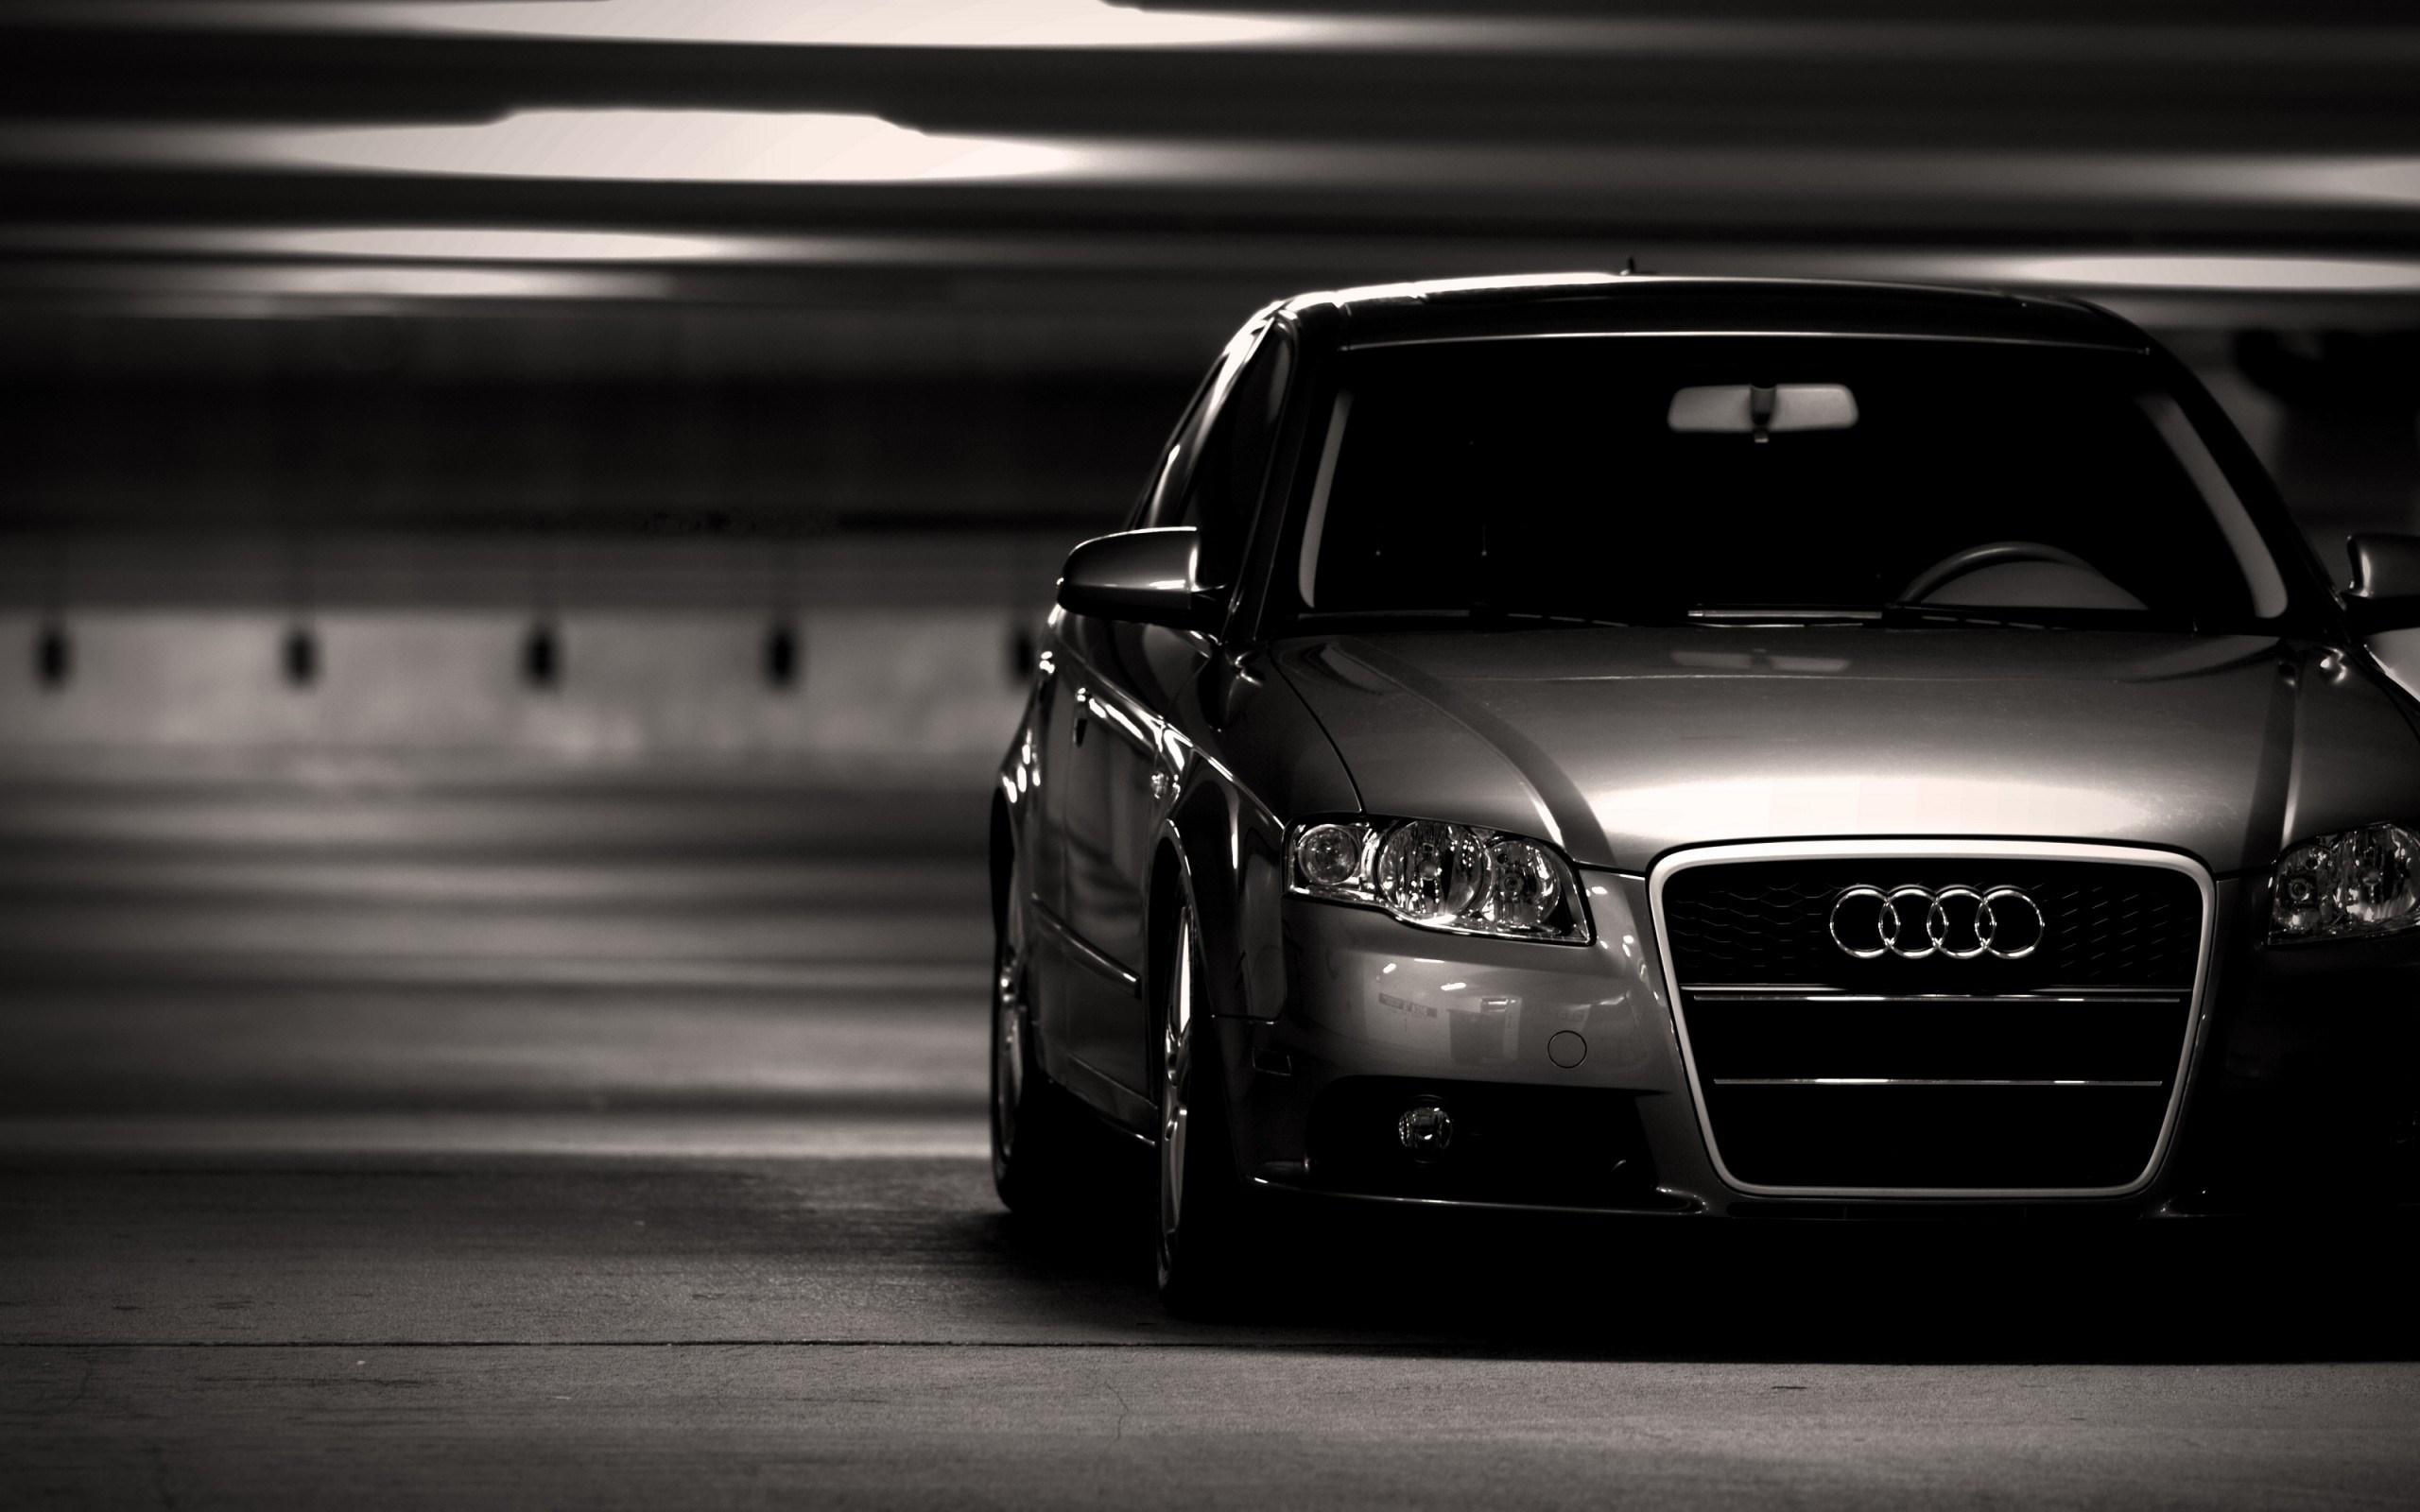 Auto Audi A4 Parking